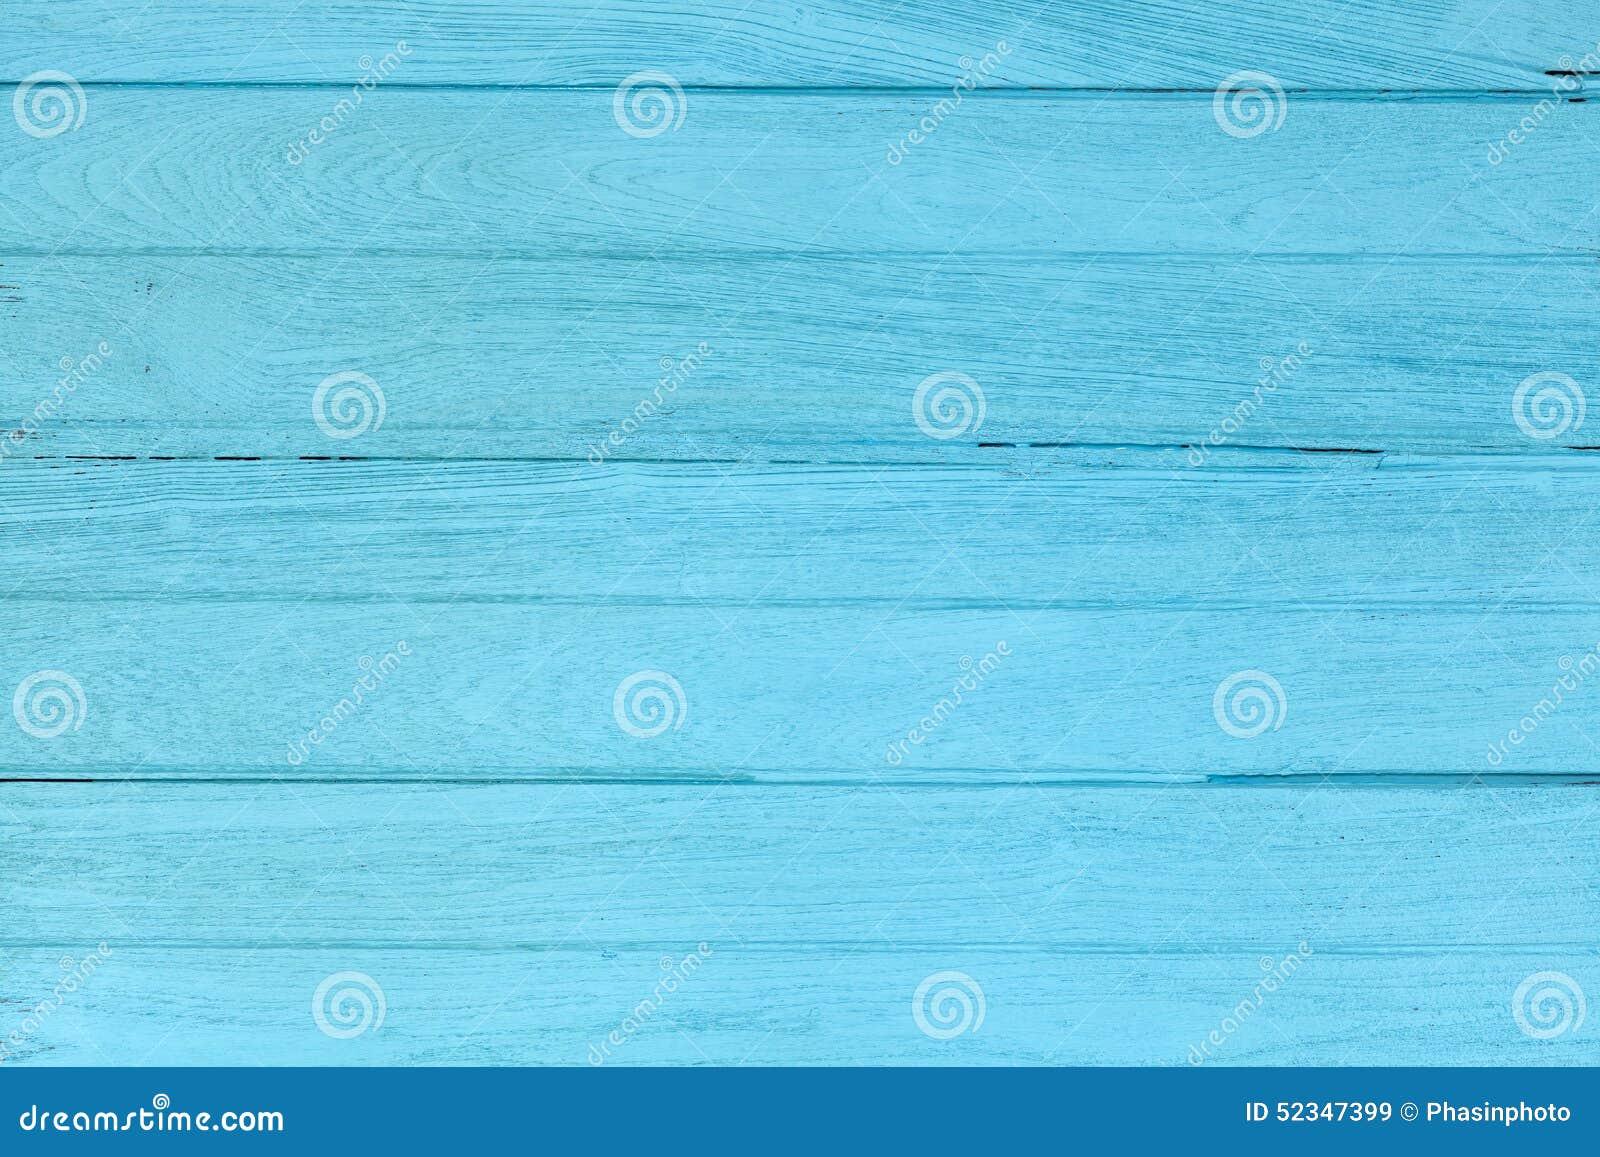 papier peint bleu de texture de fond de teck en bois image. Black Bedroom Furniture Sets. Home Design Ideas